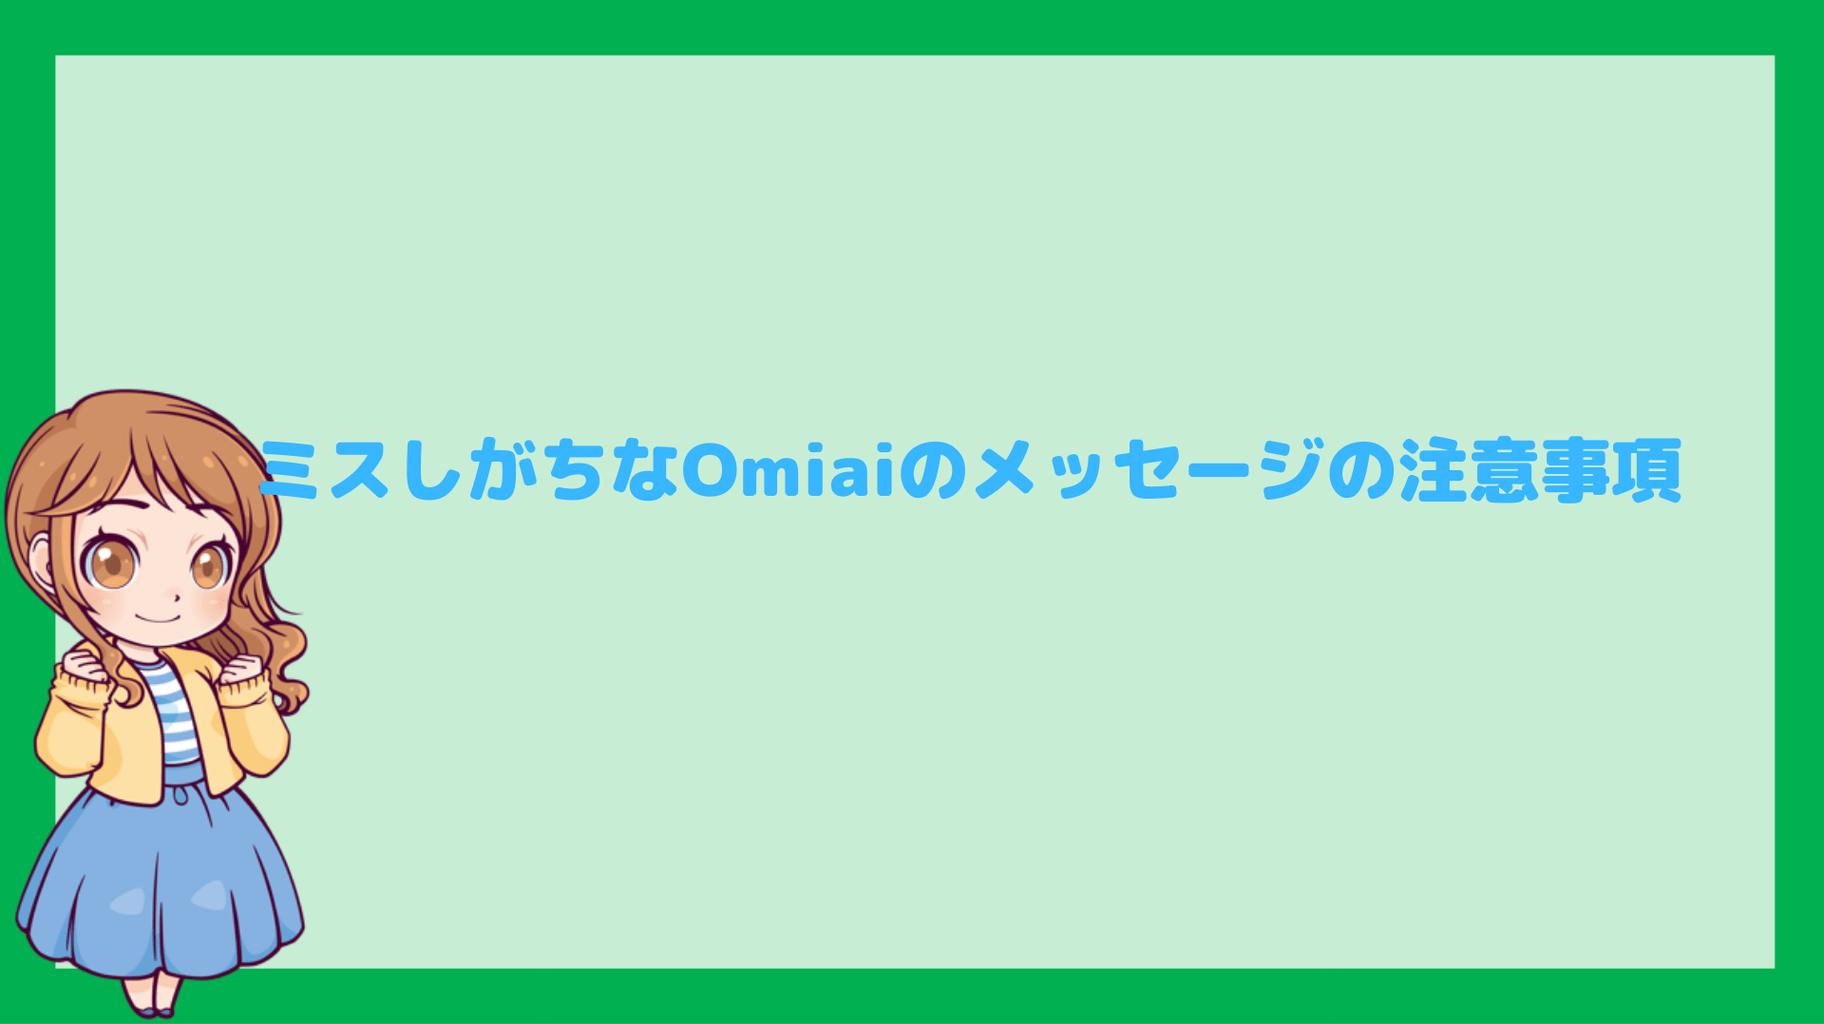 Omiaiデートの誘うメッセージ